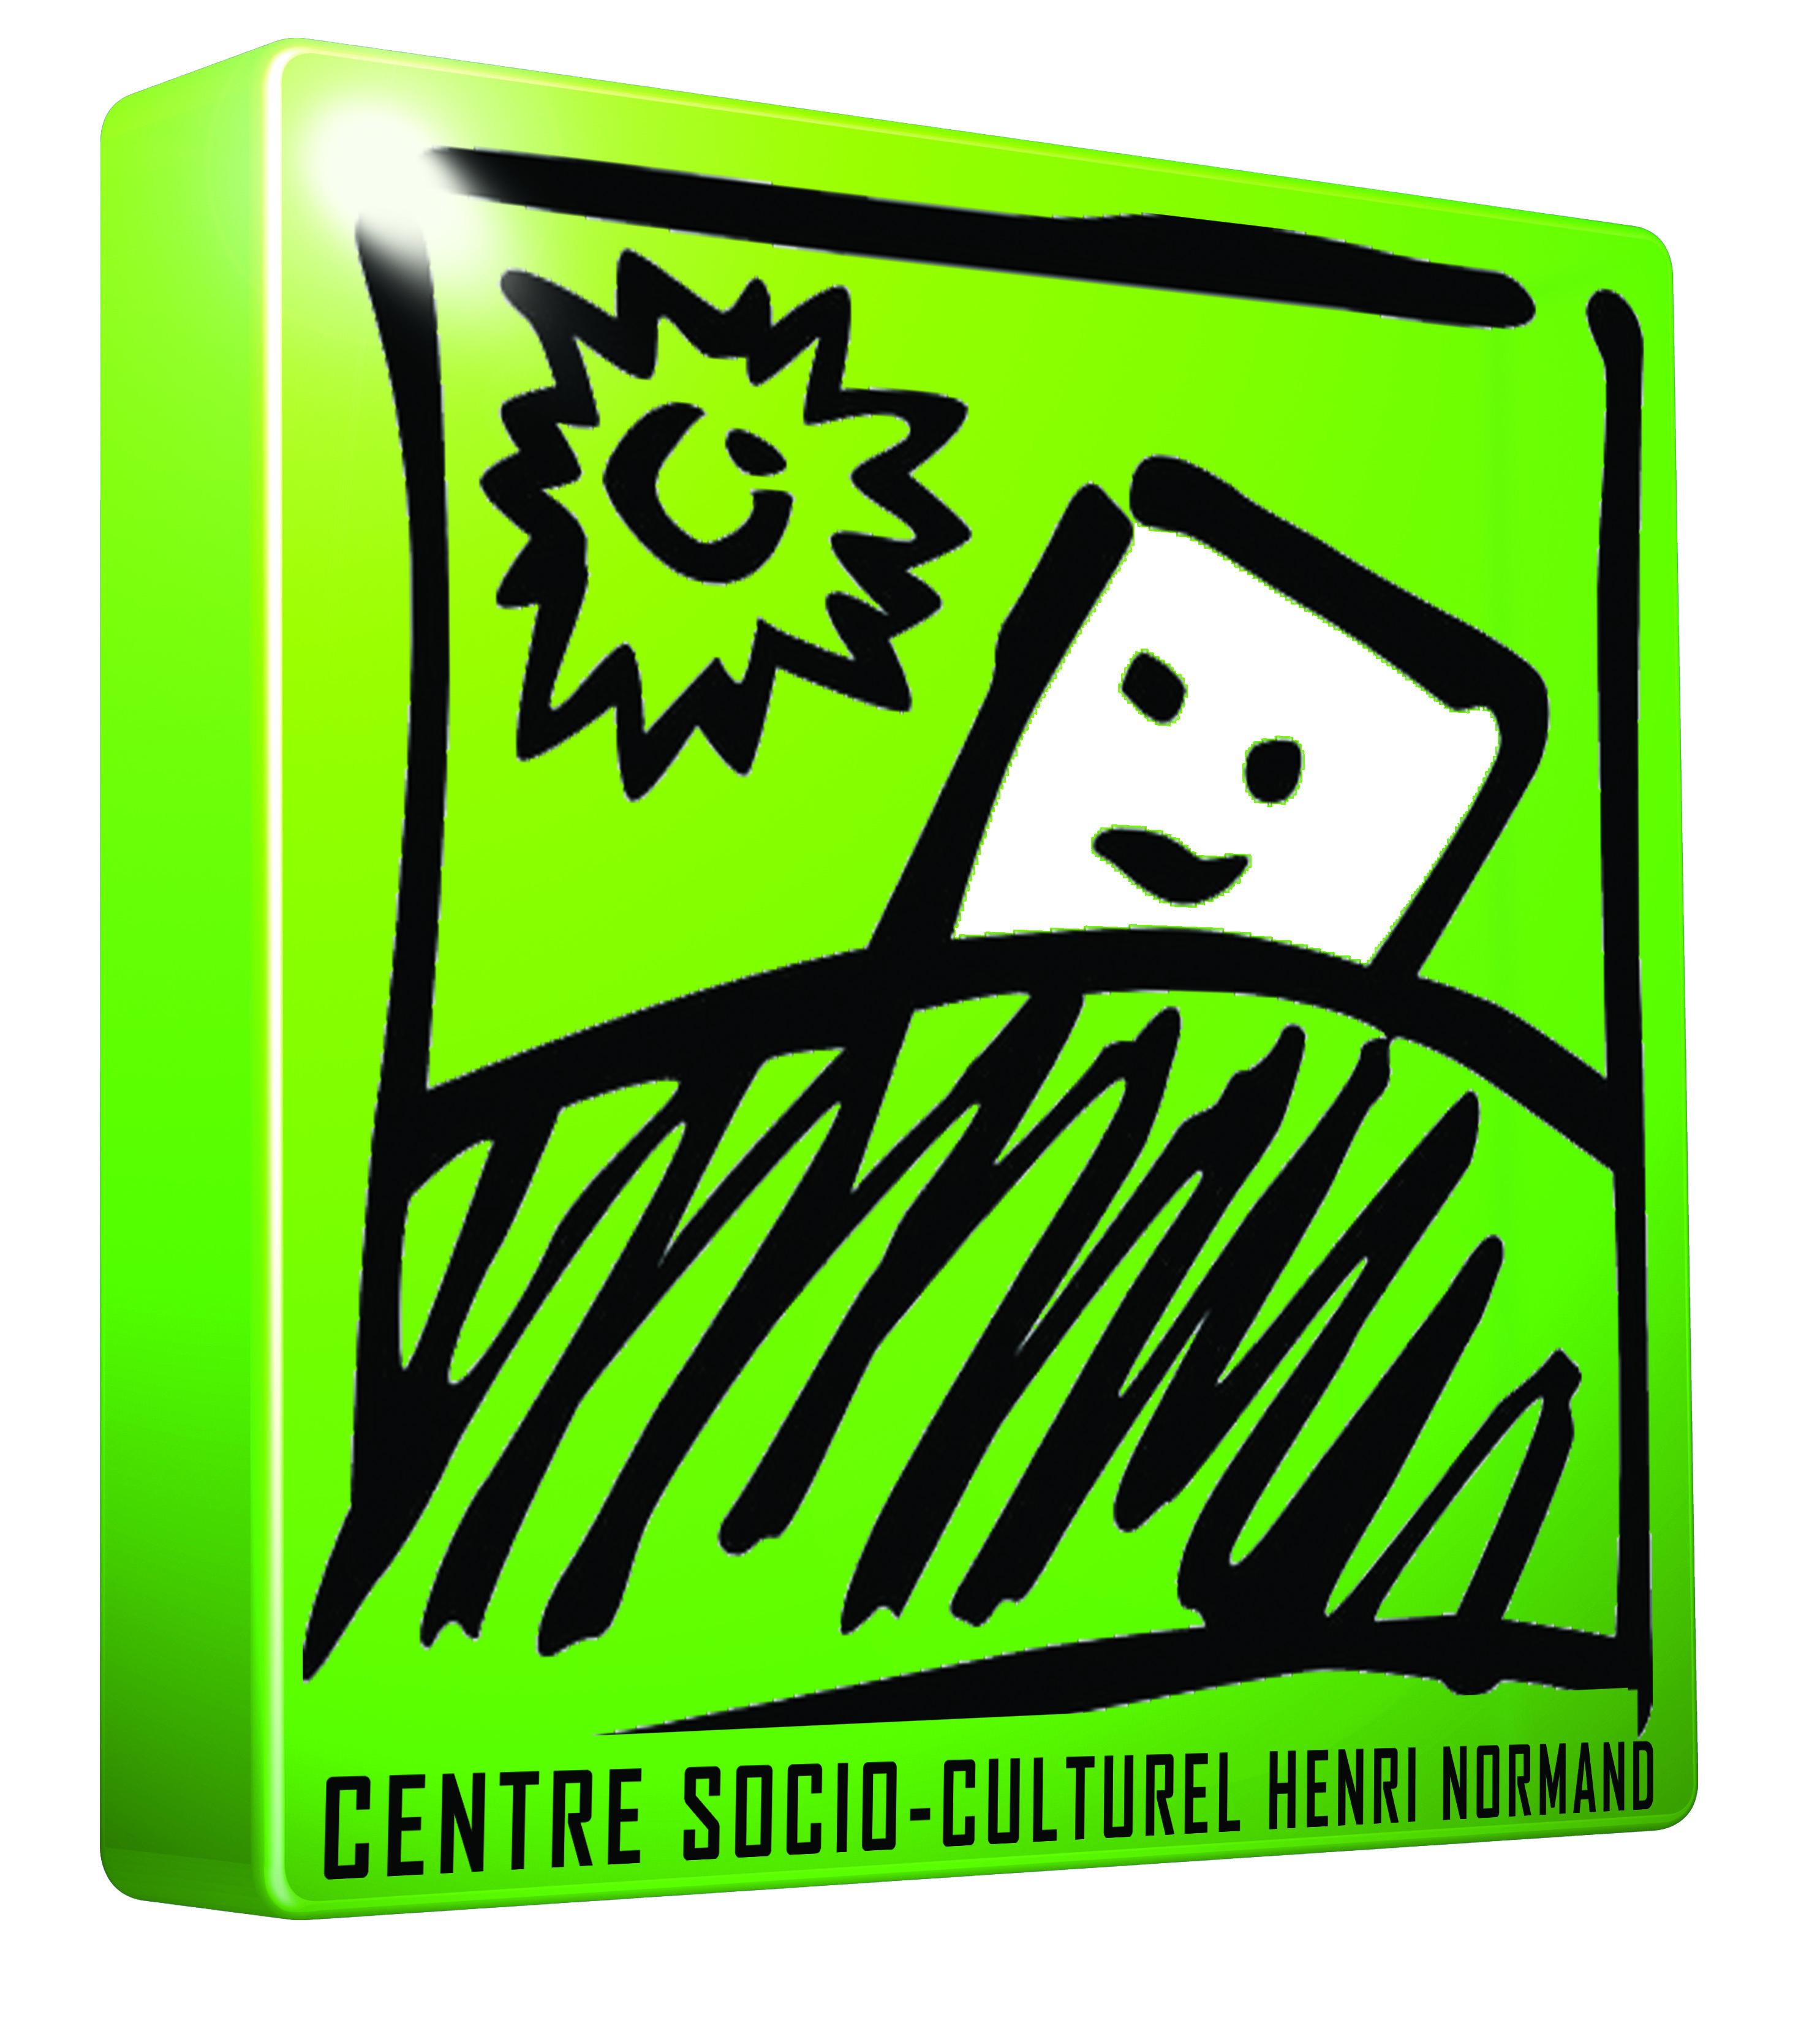 Centre socioculturel Henri Normand